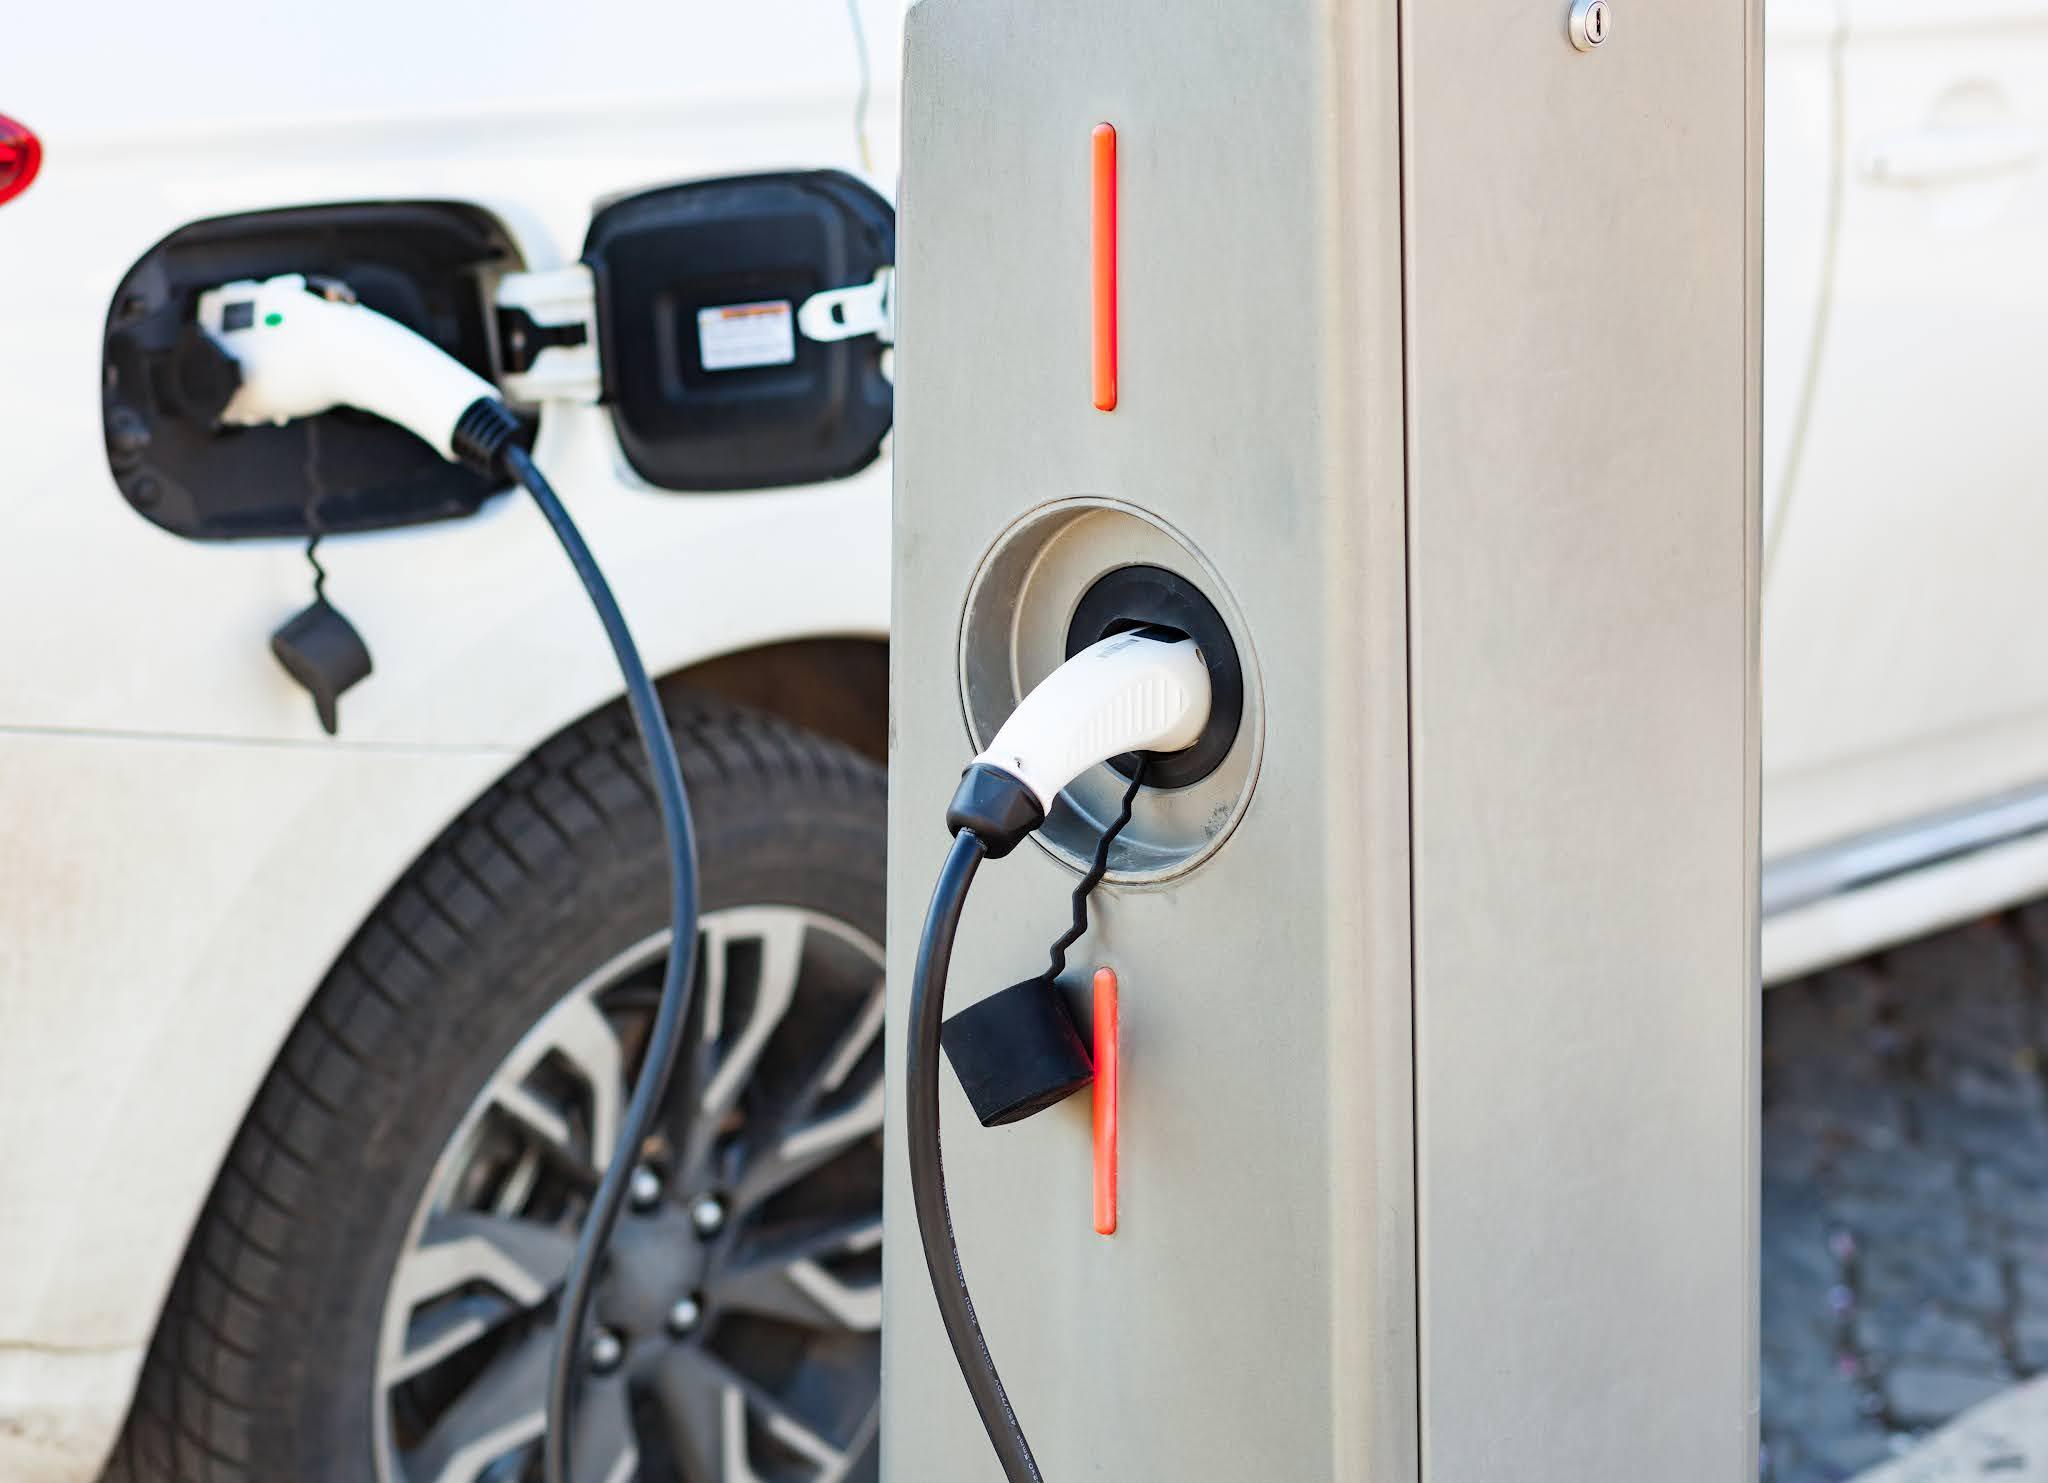 من خلال تطبيق تعرفة موحدة يتم تعزيز حوكمة شحن المركبات cars الكهربائية في أبوظبي لتحقيق طموحاتها المناخية